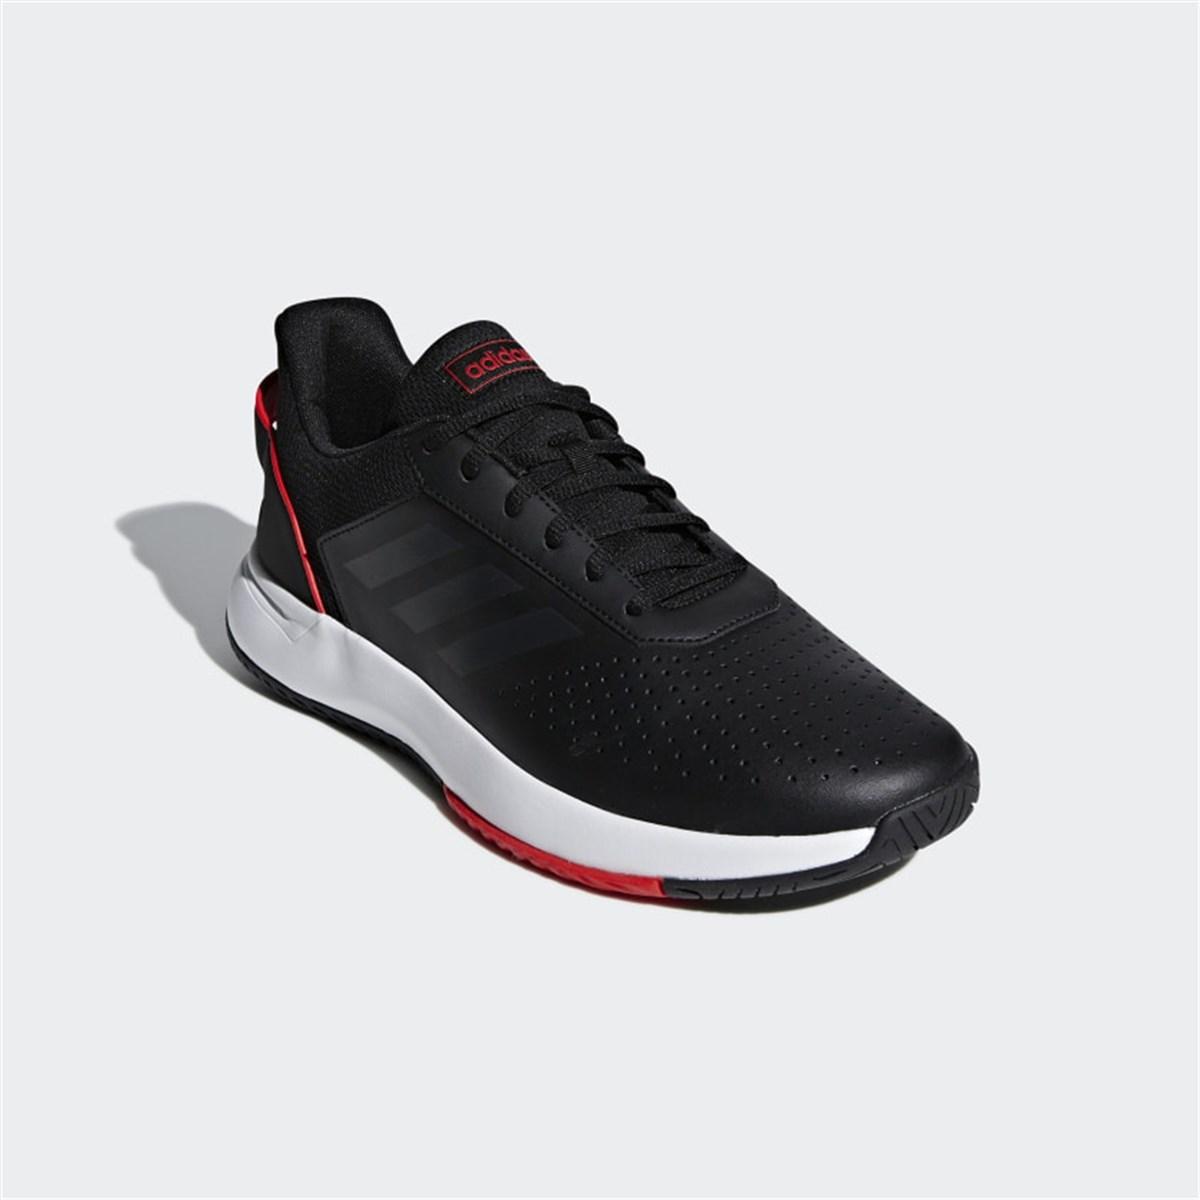 Courtsmash Erkek Siyah Tenis Ayakkabısı